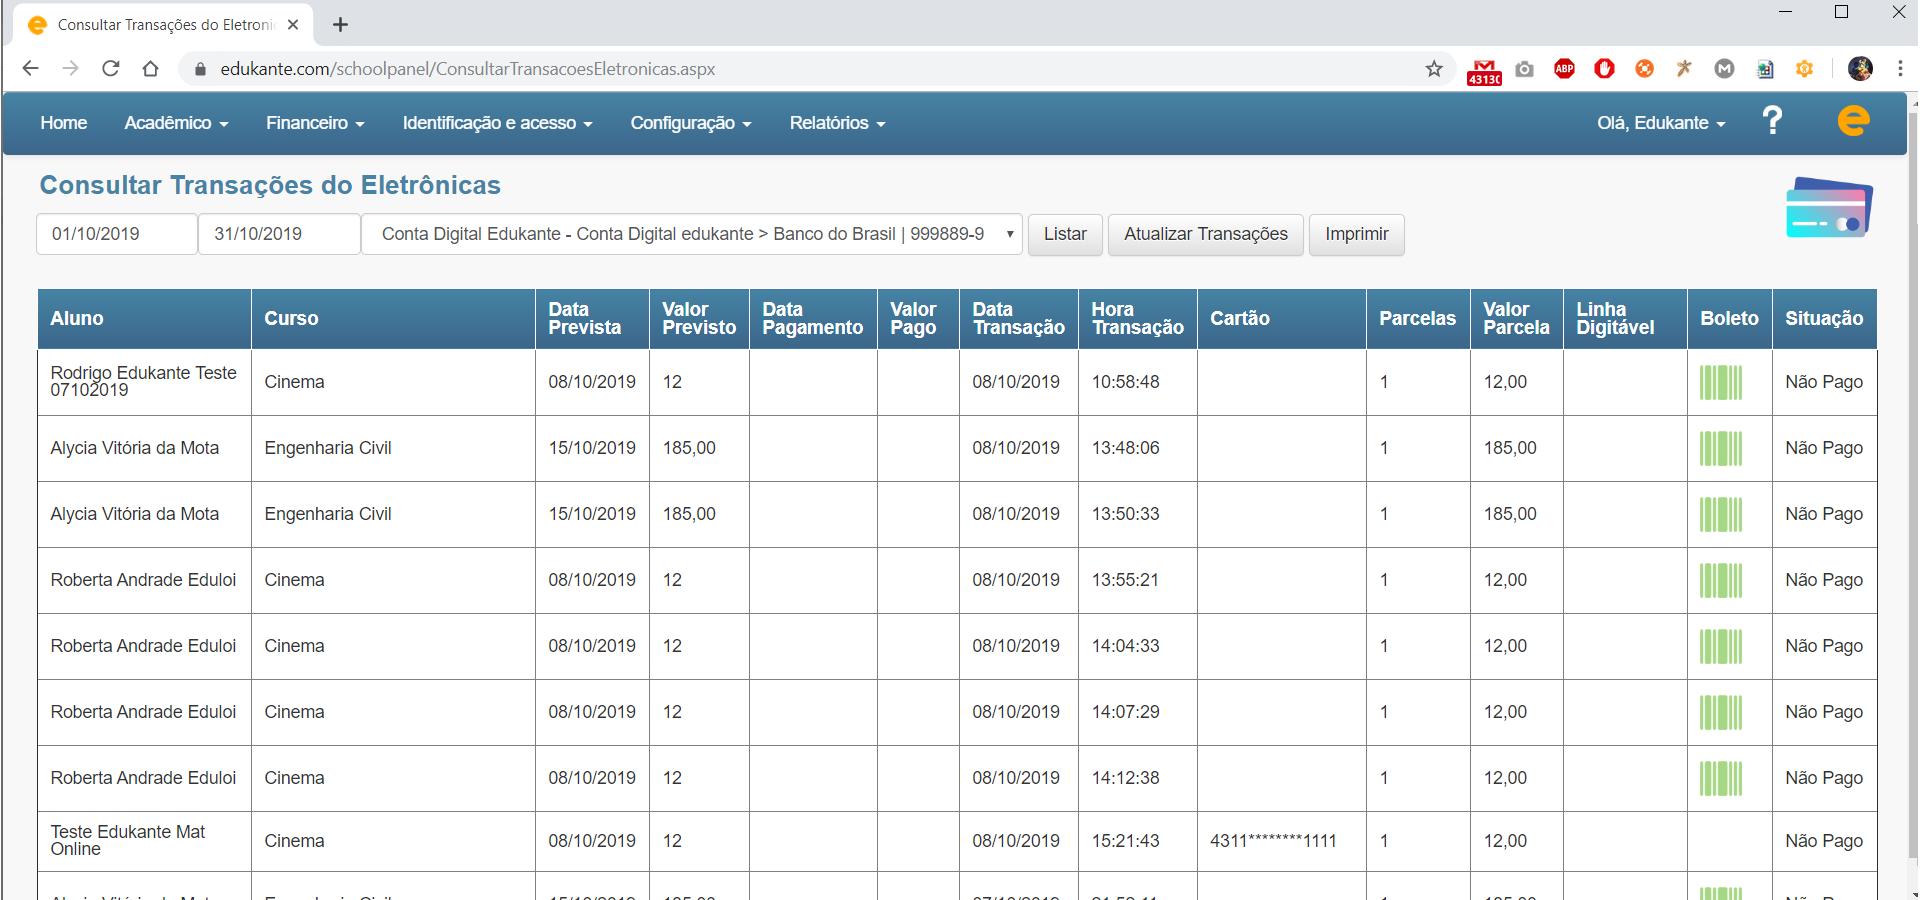 Software de Matrículas Online. Gestão sobre as transações eletrônicas.